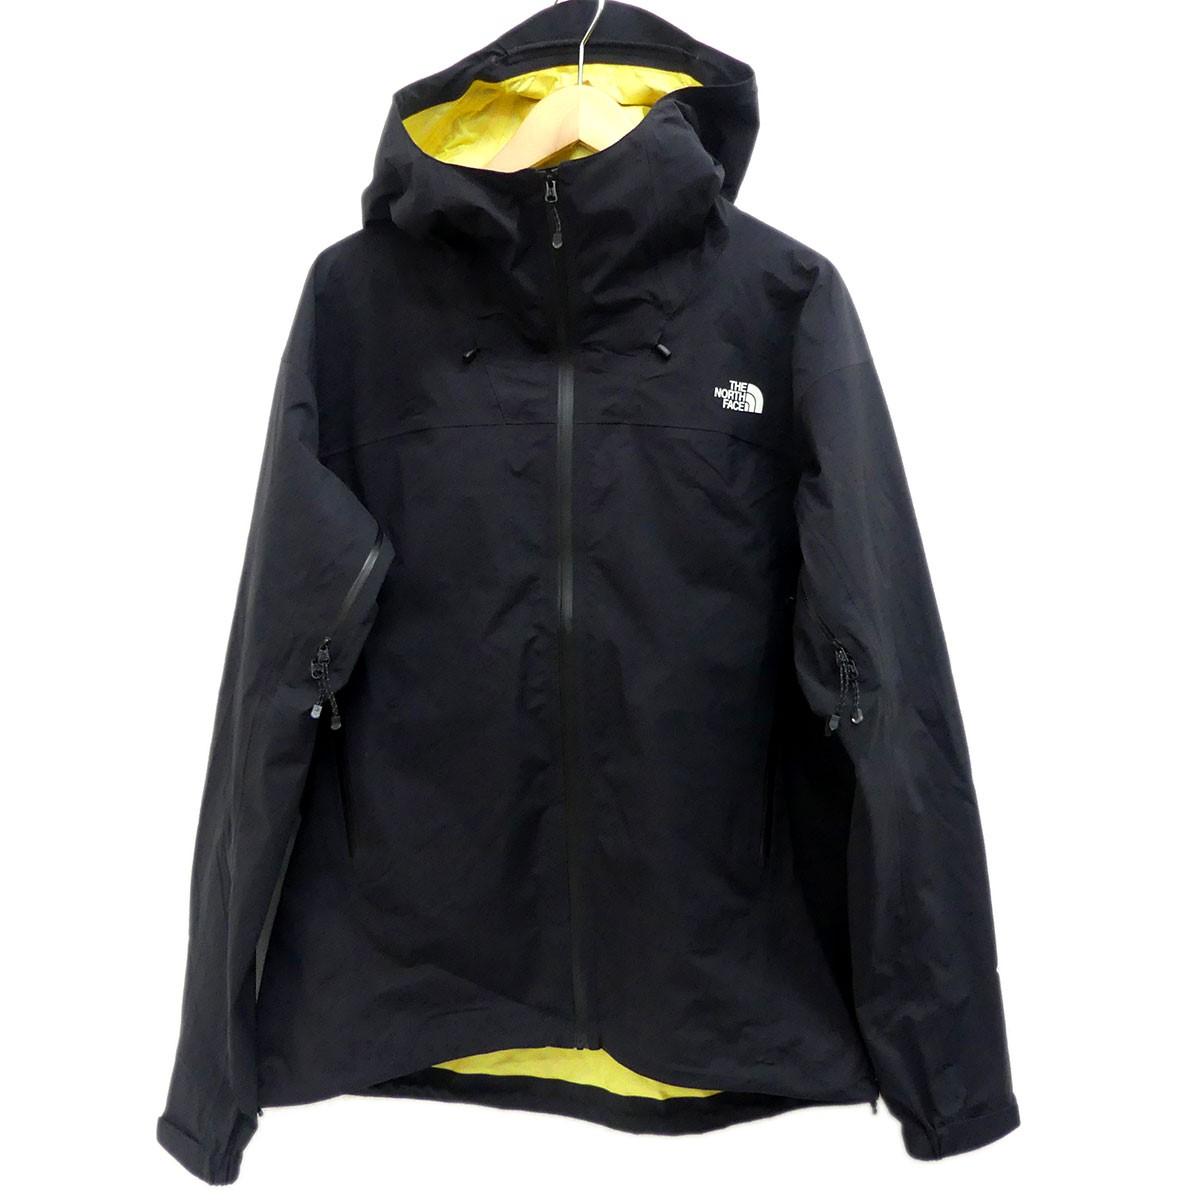 【中古】THE NORTH FACE マウンテンパーカー Super Climb Jacket ブラック サイズ:L 【011219】(ザノースフェイス)